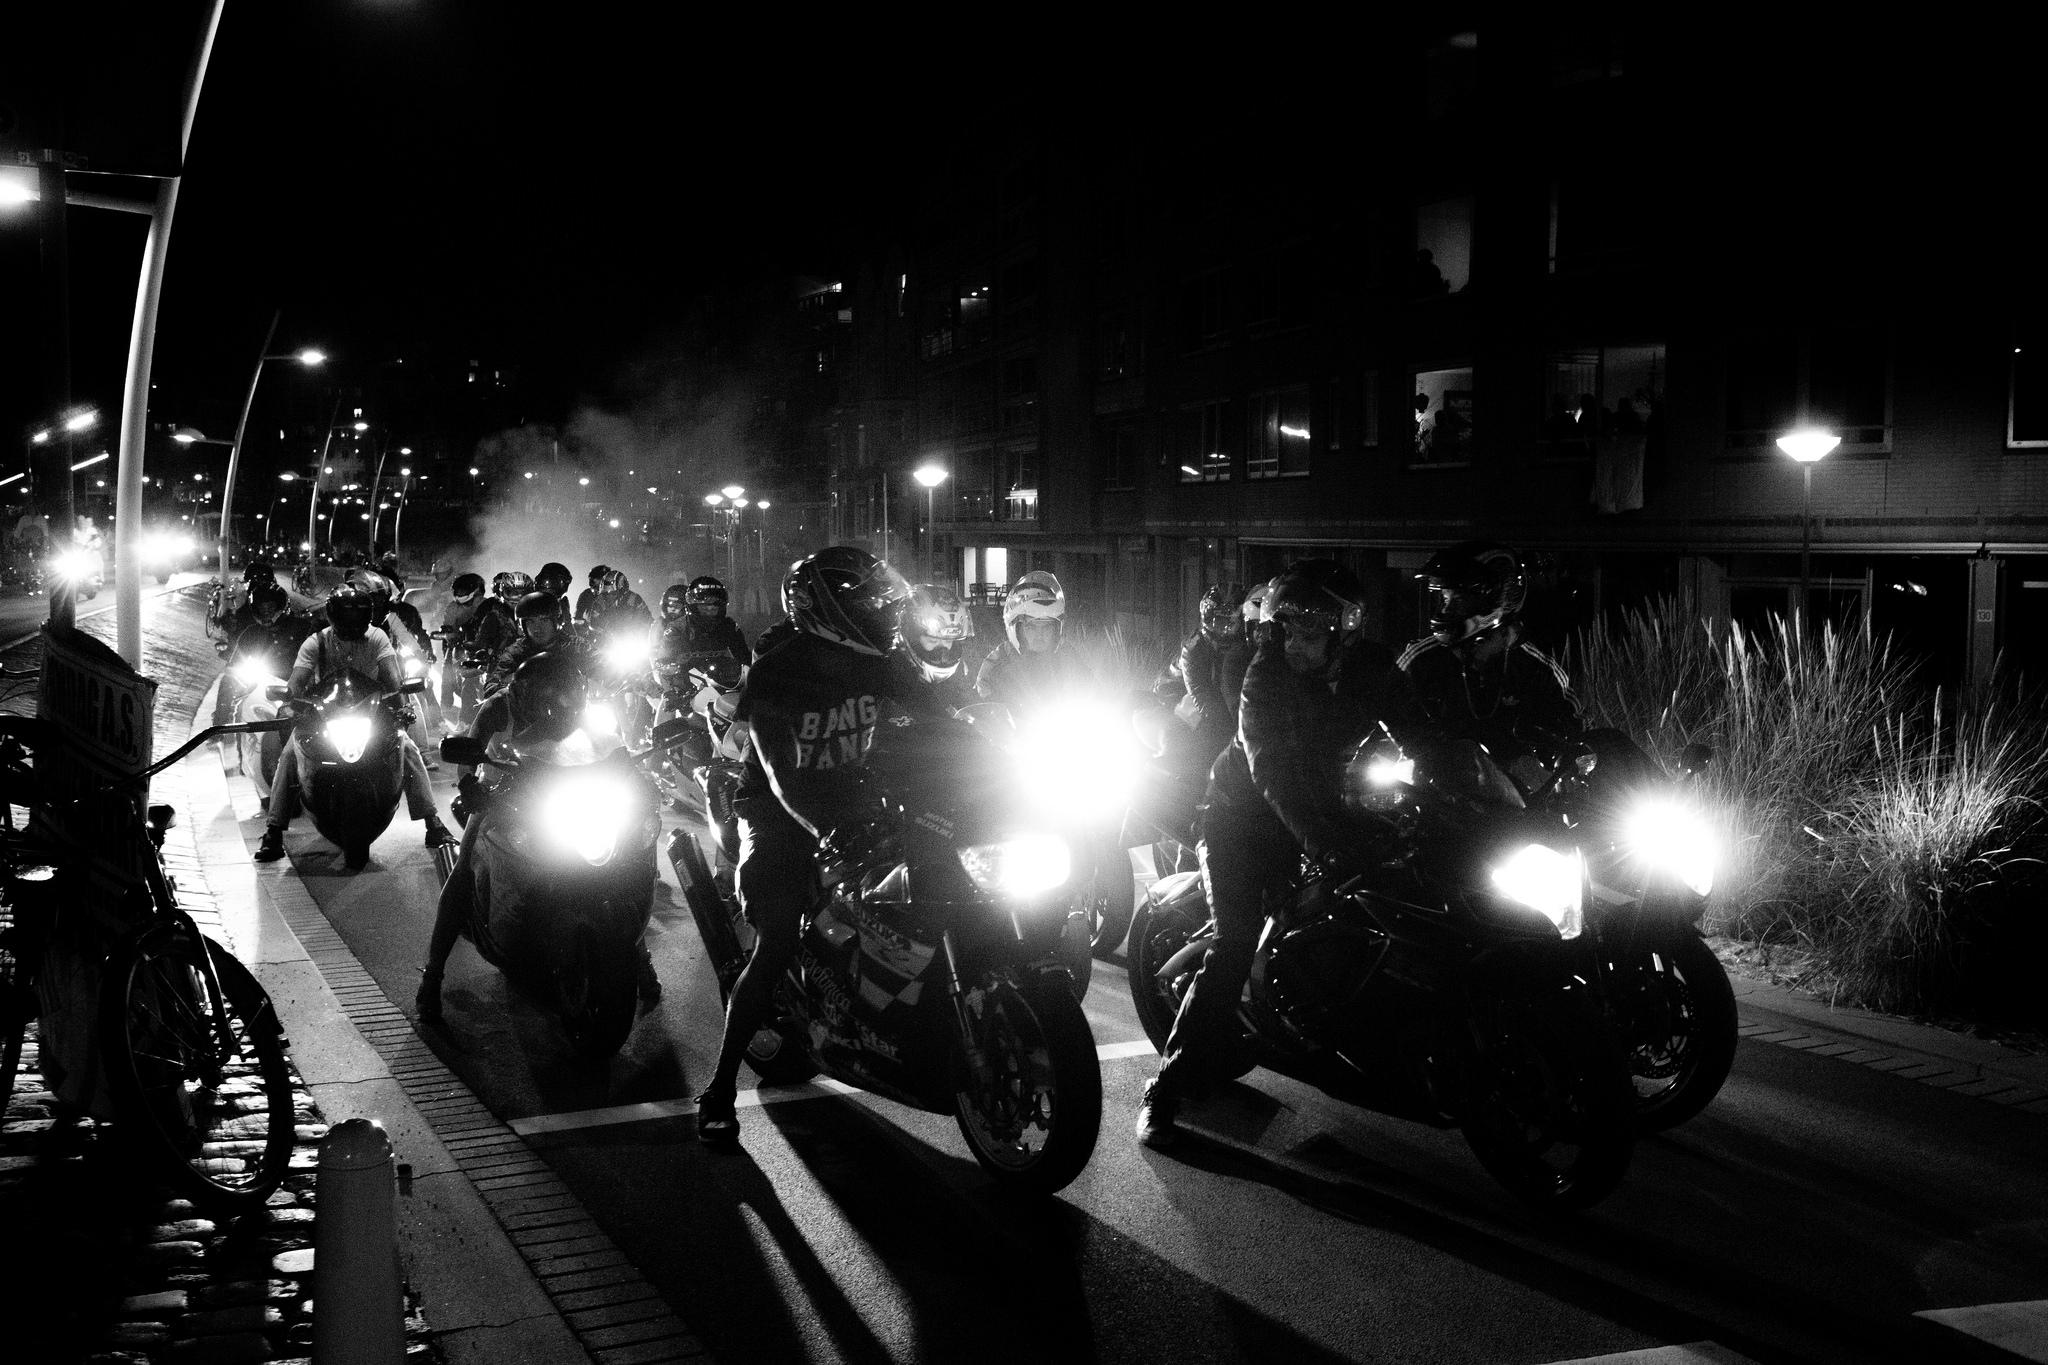 バイクのフリー素材、画像 (14)